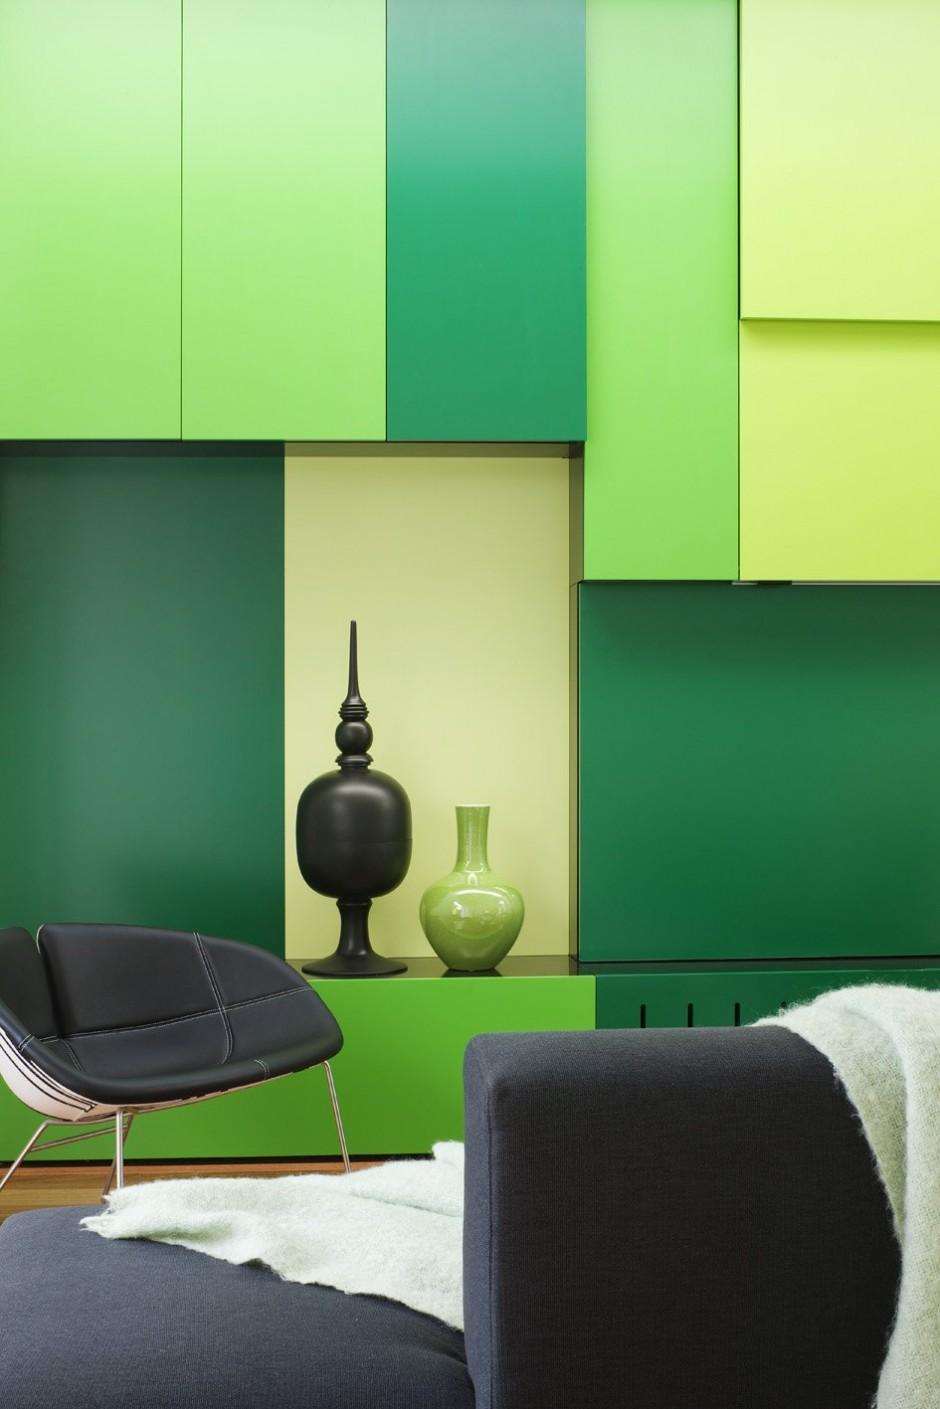 Small Minimalist Home With Creative Design Architecture